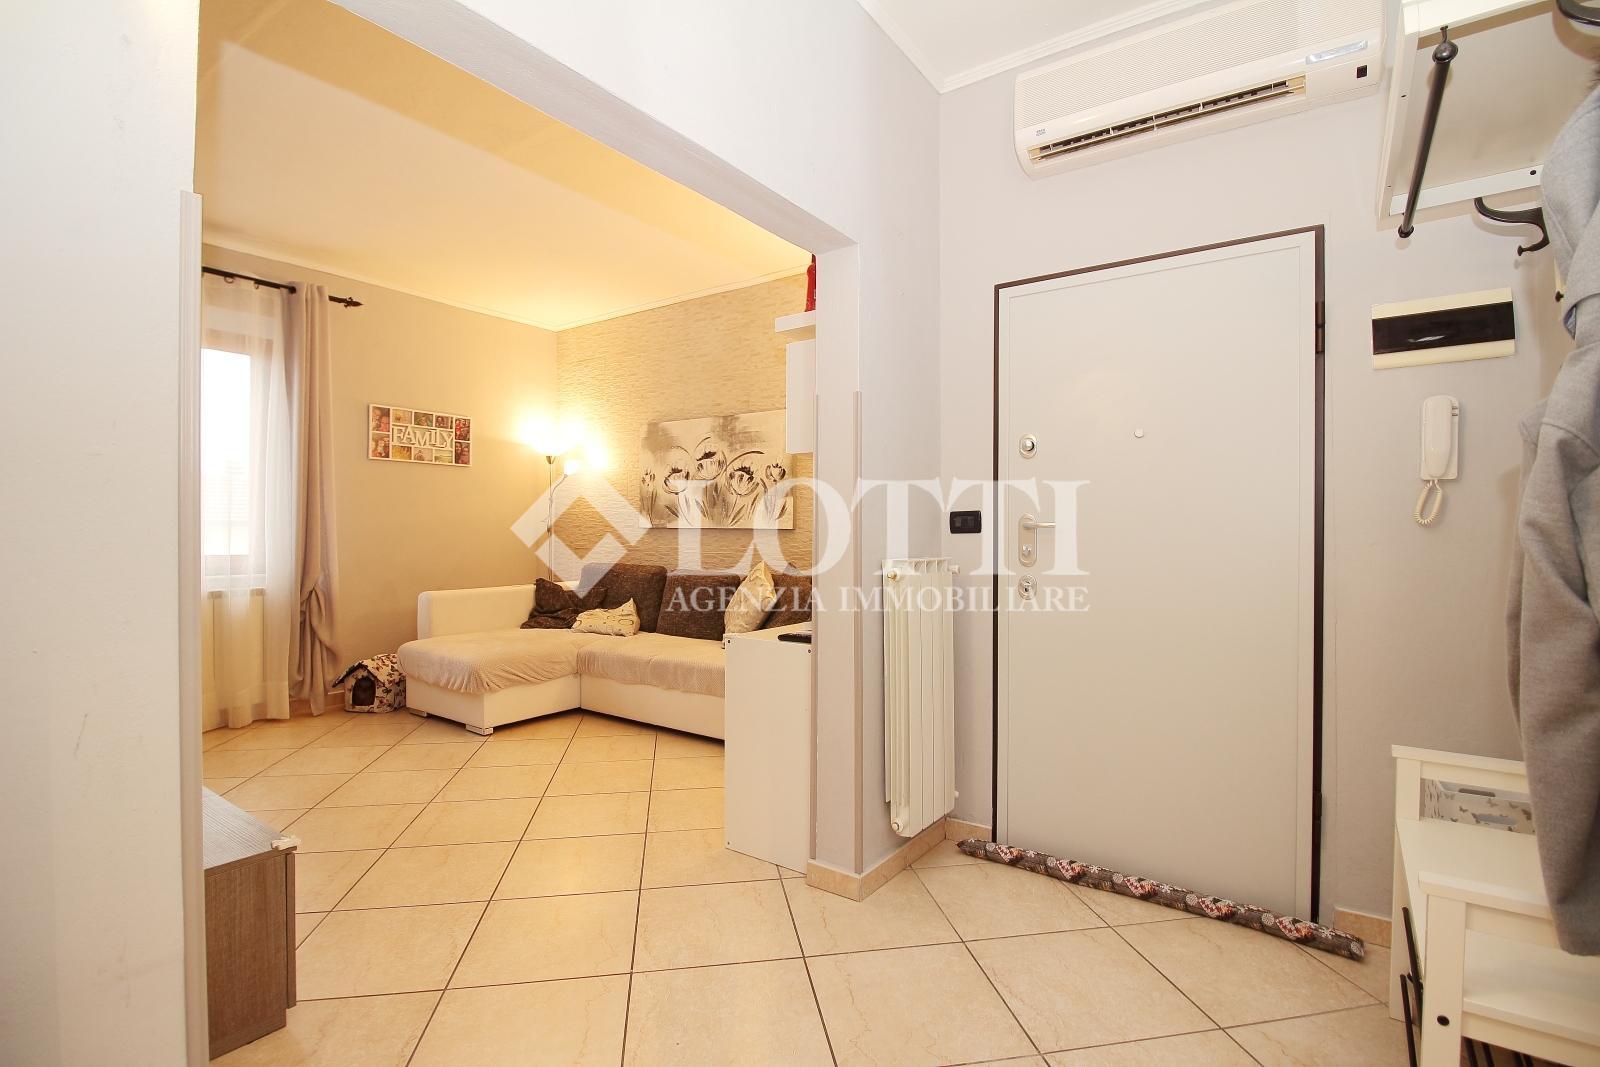 Appartamento in vendita, rif. 533